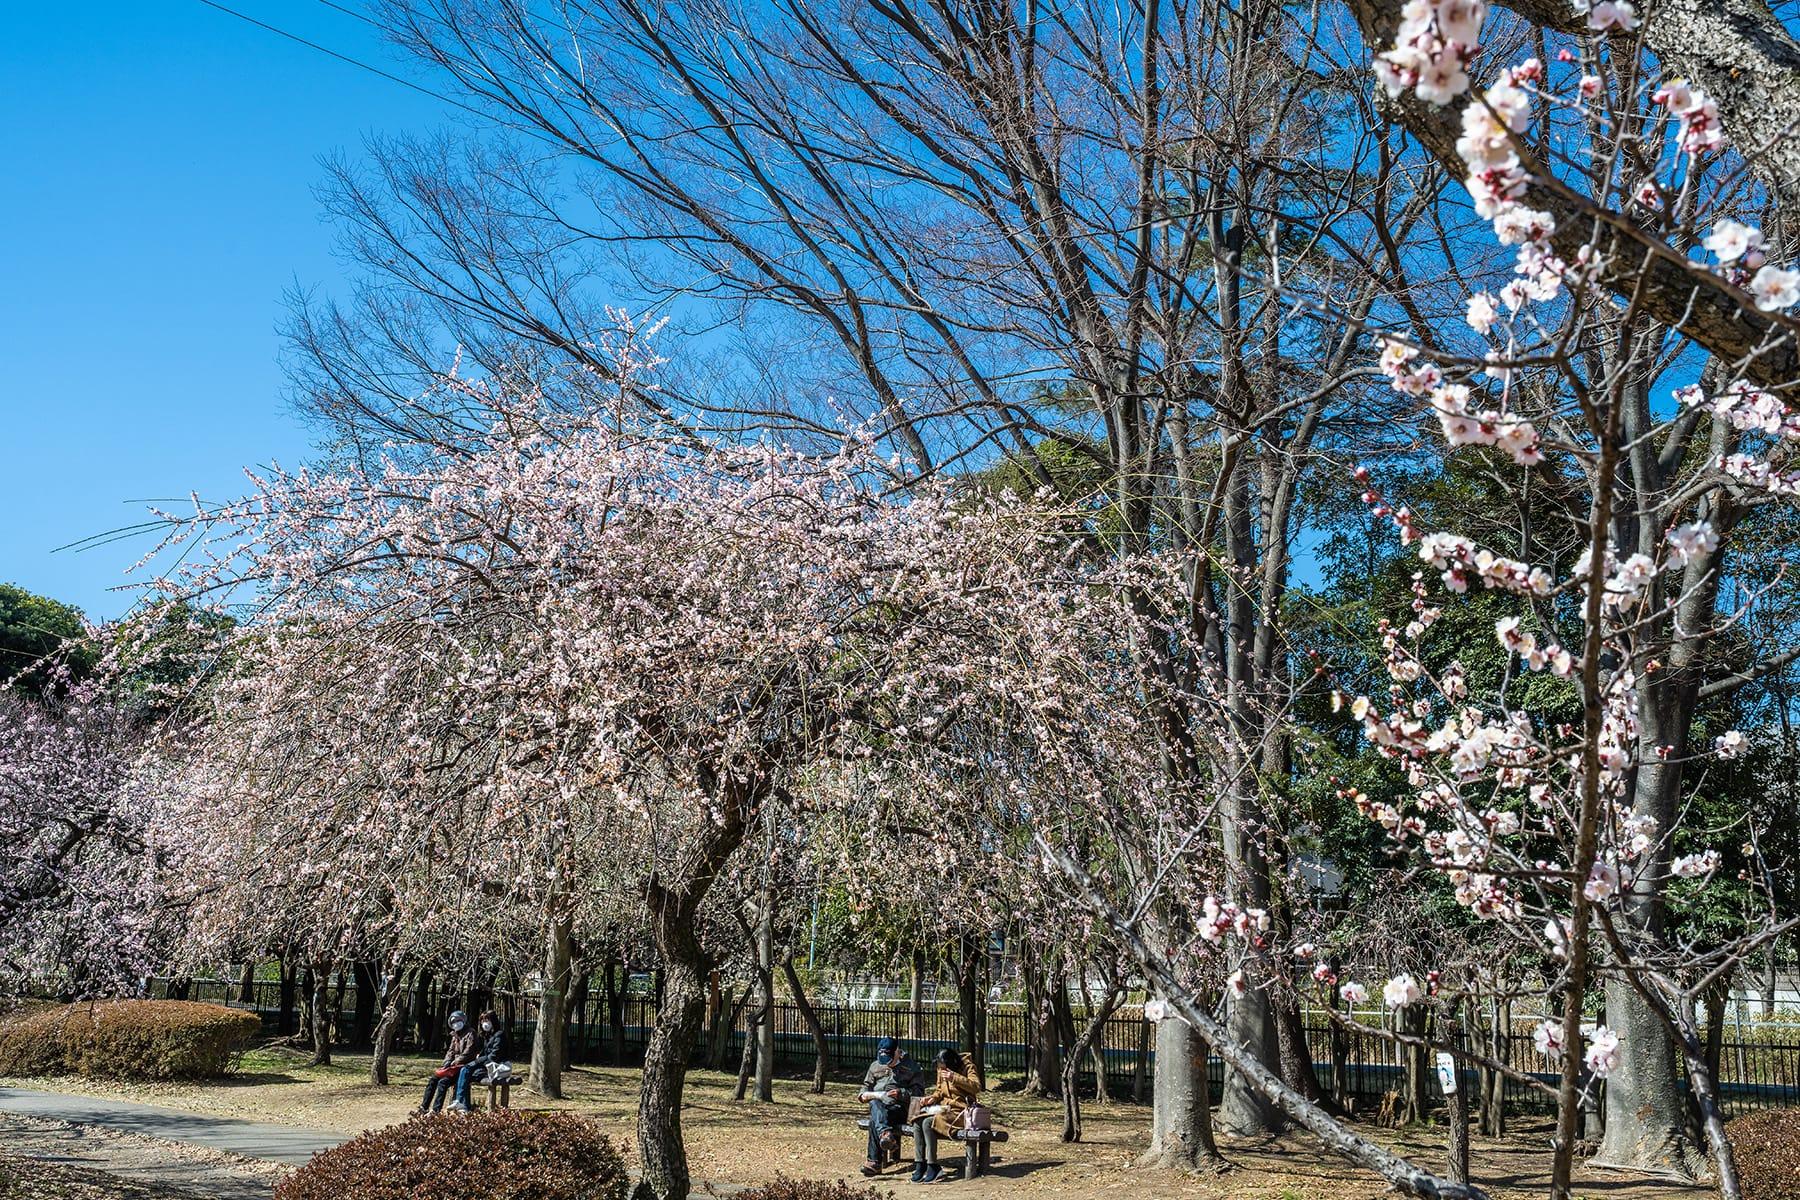 大宮公園の梅林【大宮第二公園(梅林) 埼玉県さいたま市】   フォトさいたま